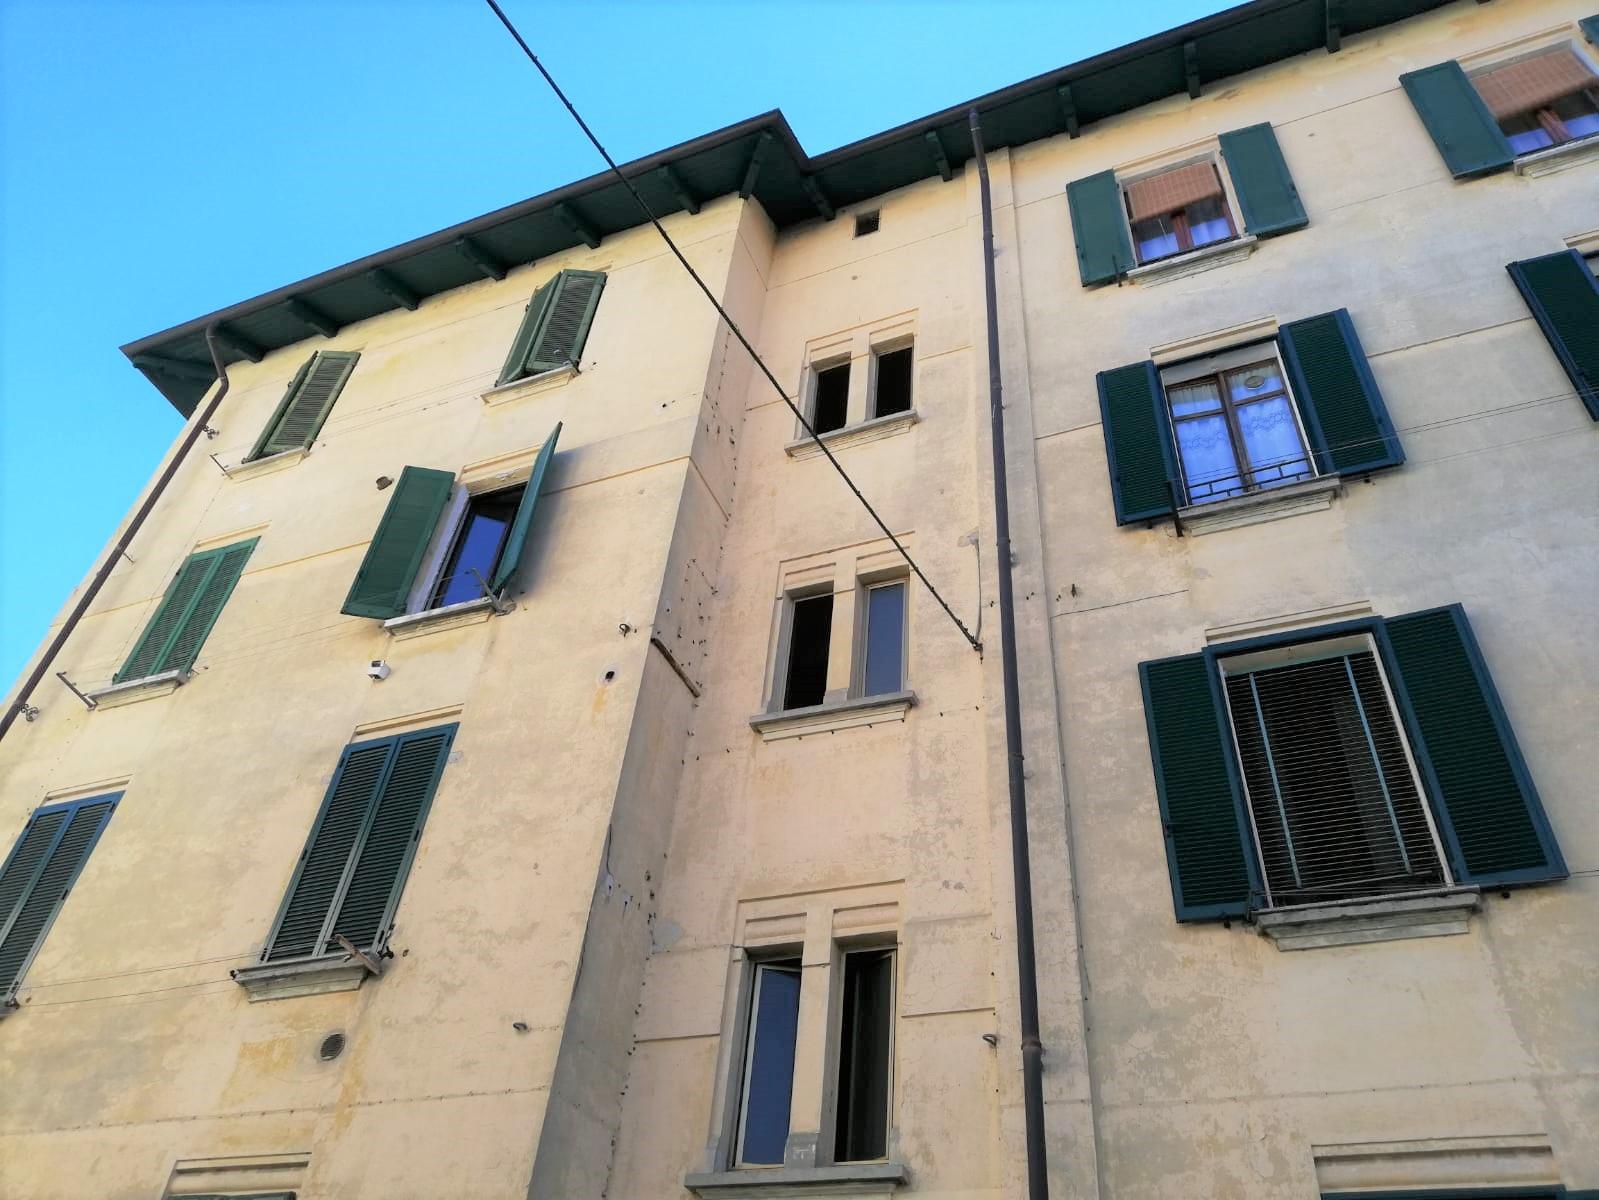 rif. 020 – Venaria, affittasi bilocale